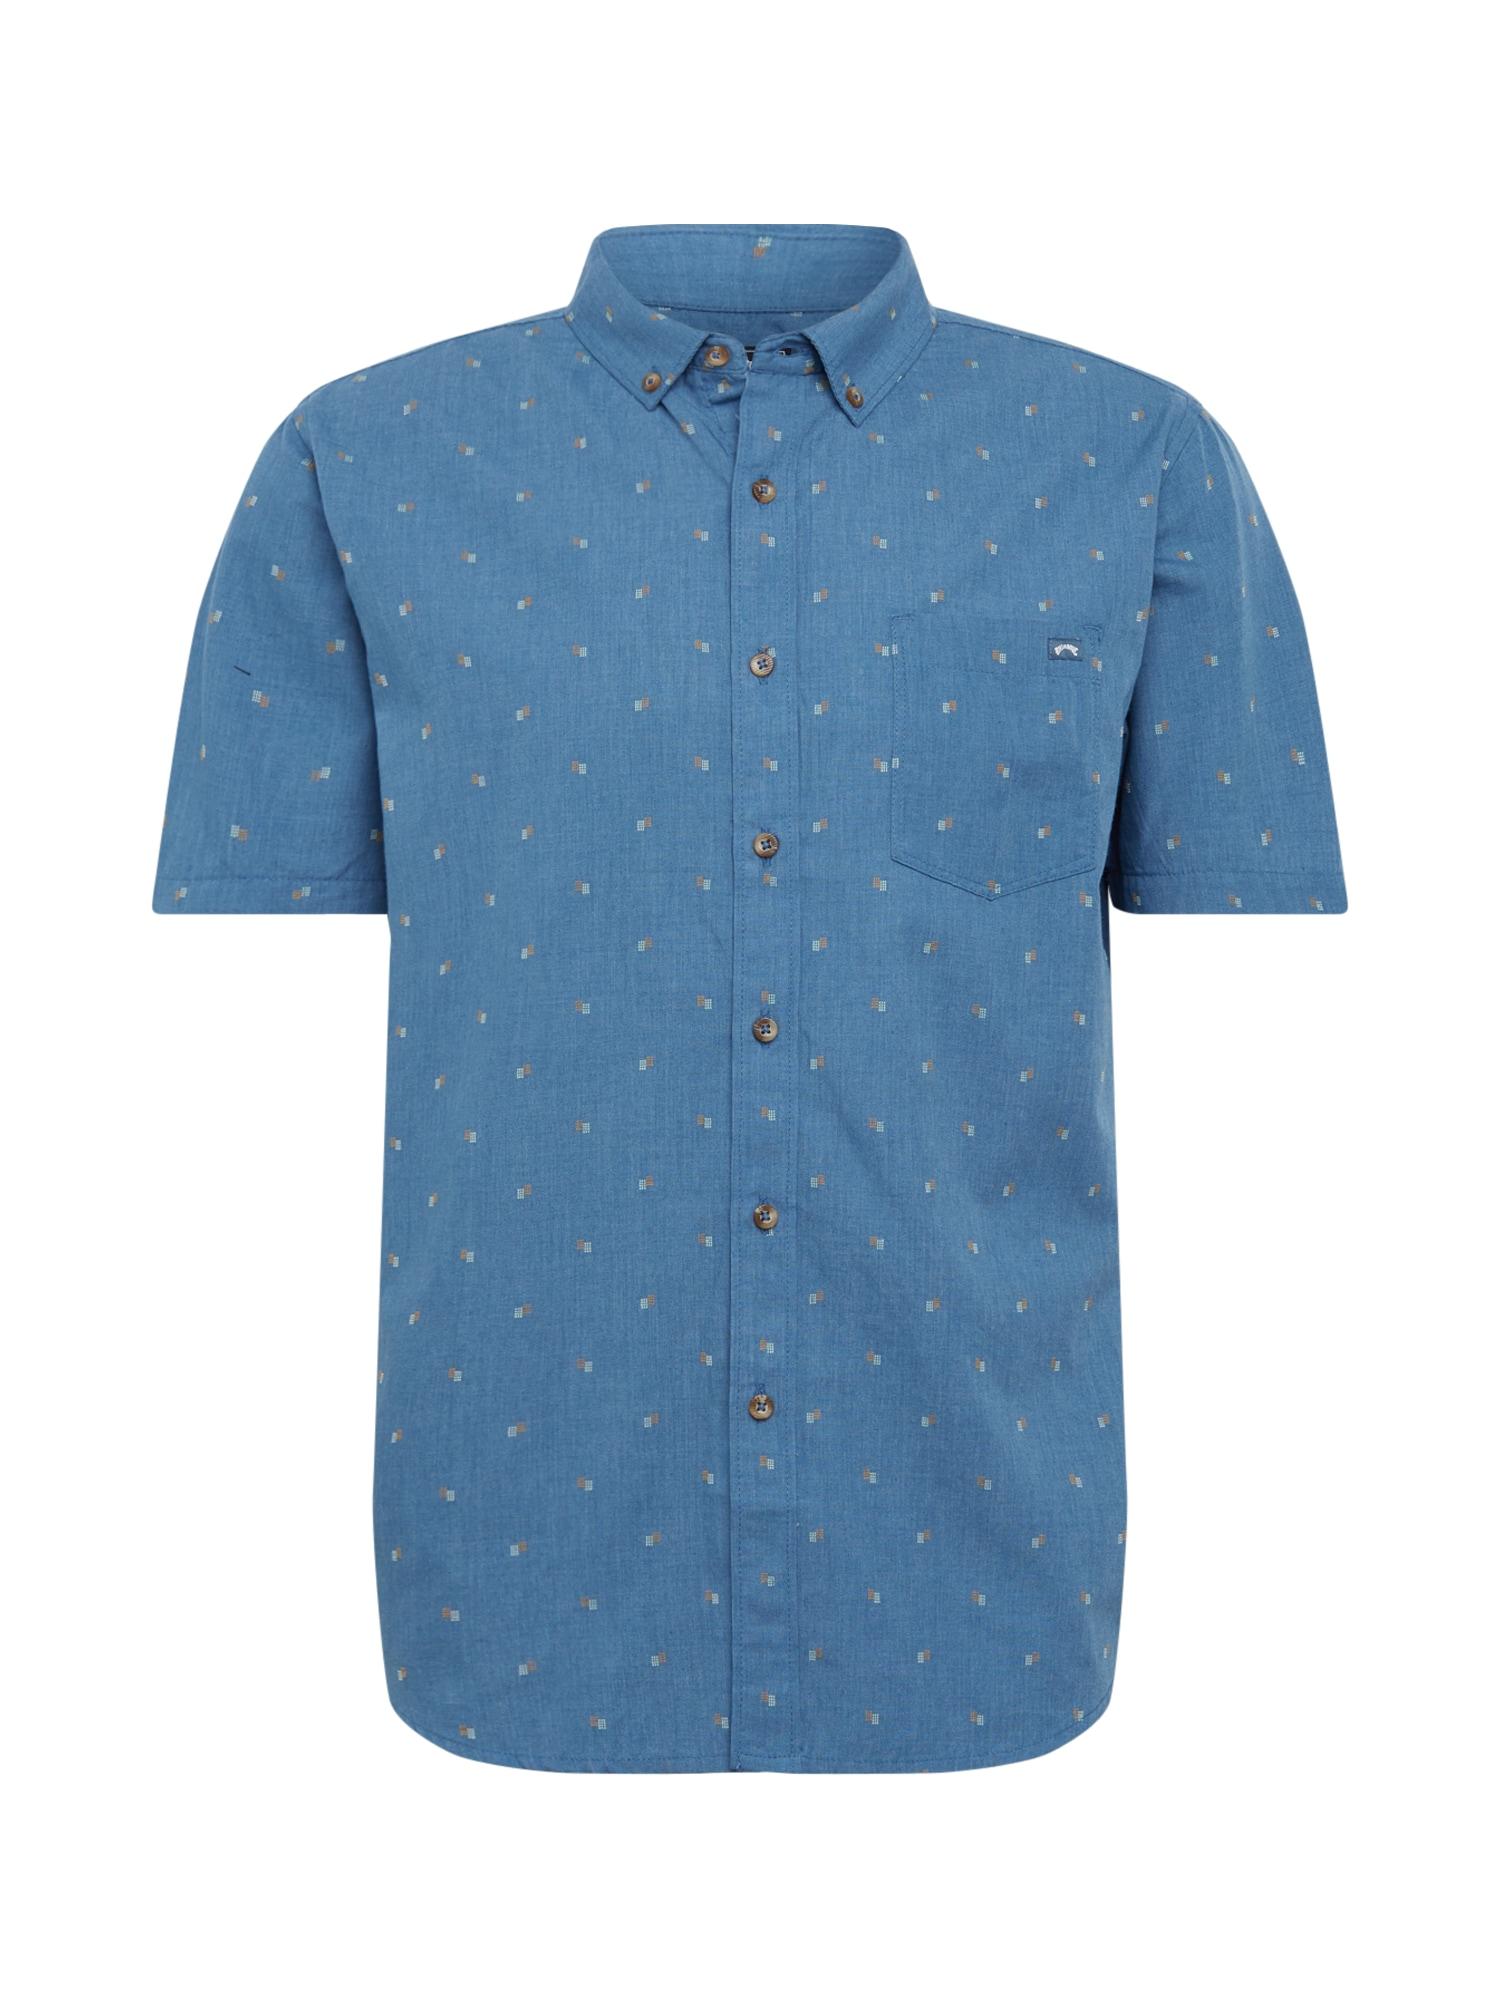 BILLABONG Dalykiniai marškiniai 'ALL DAY JACQUARD' mėlyna